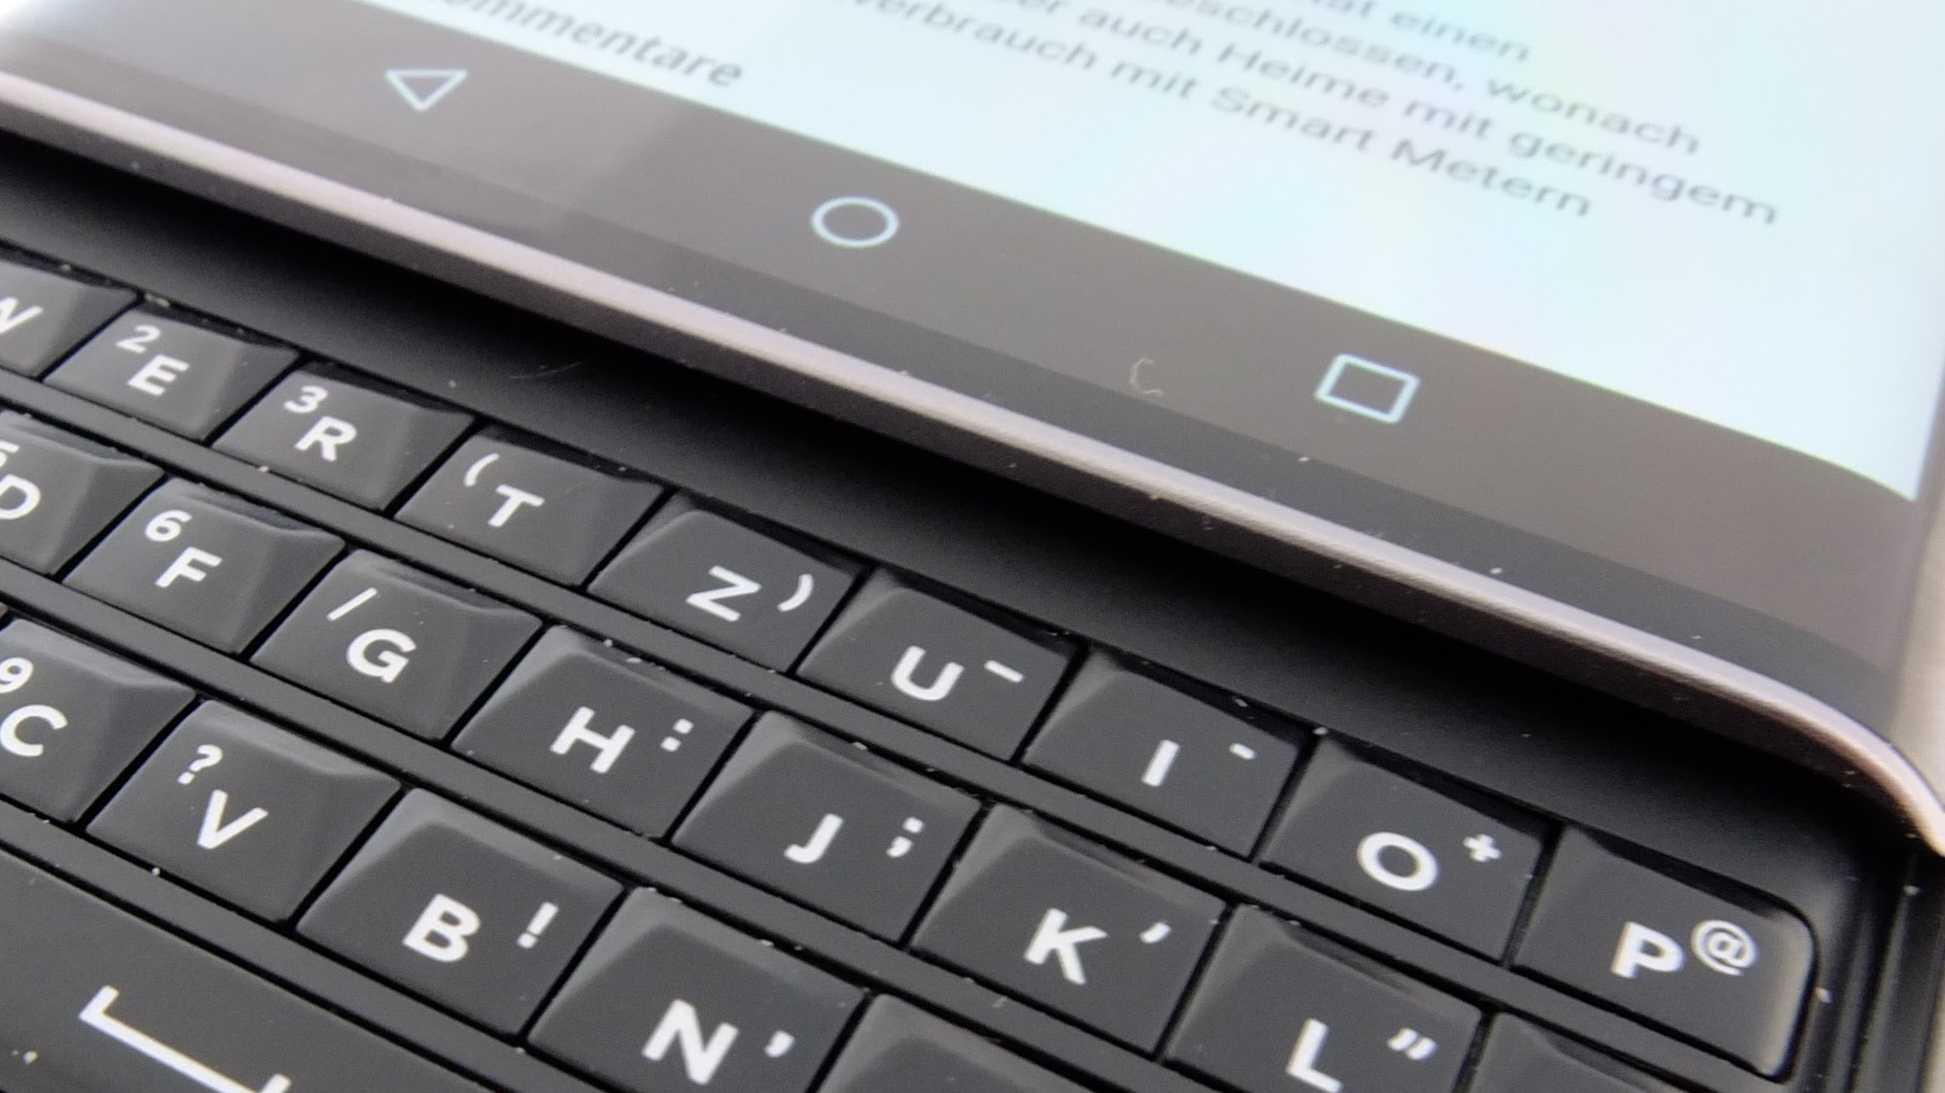 BlackBerry liefert keine Updates mehr für PRIV